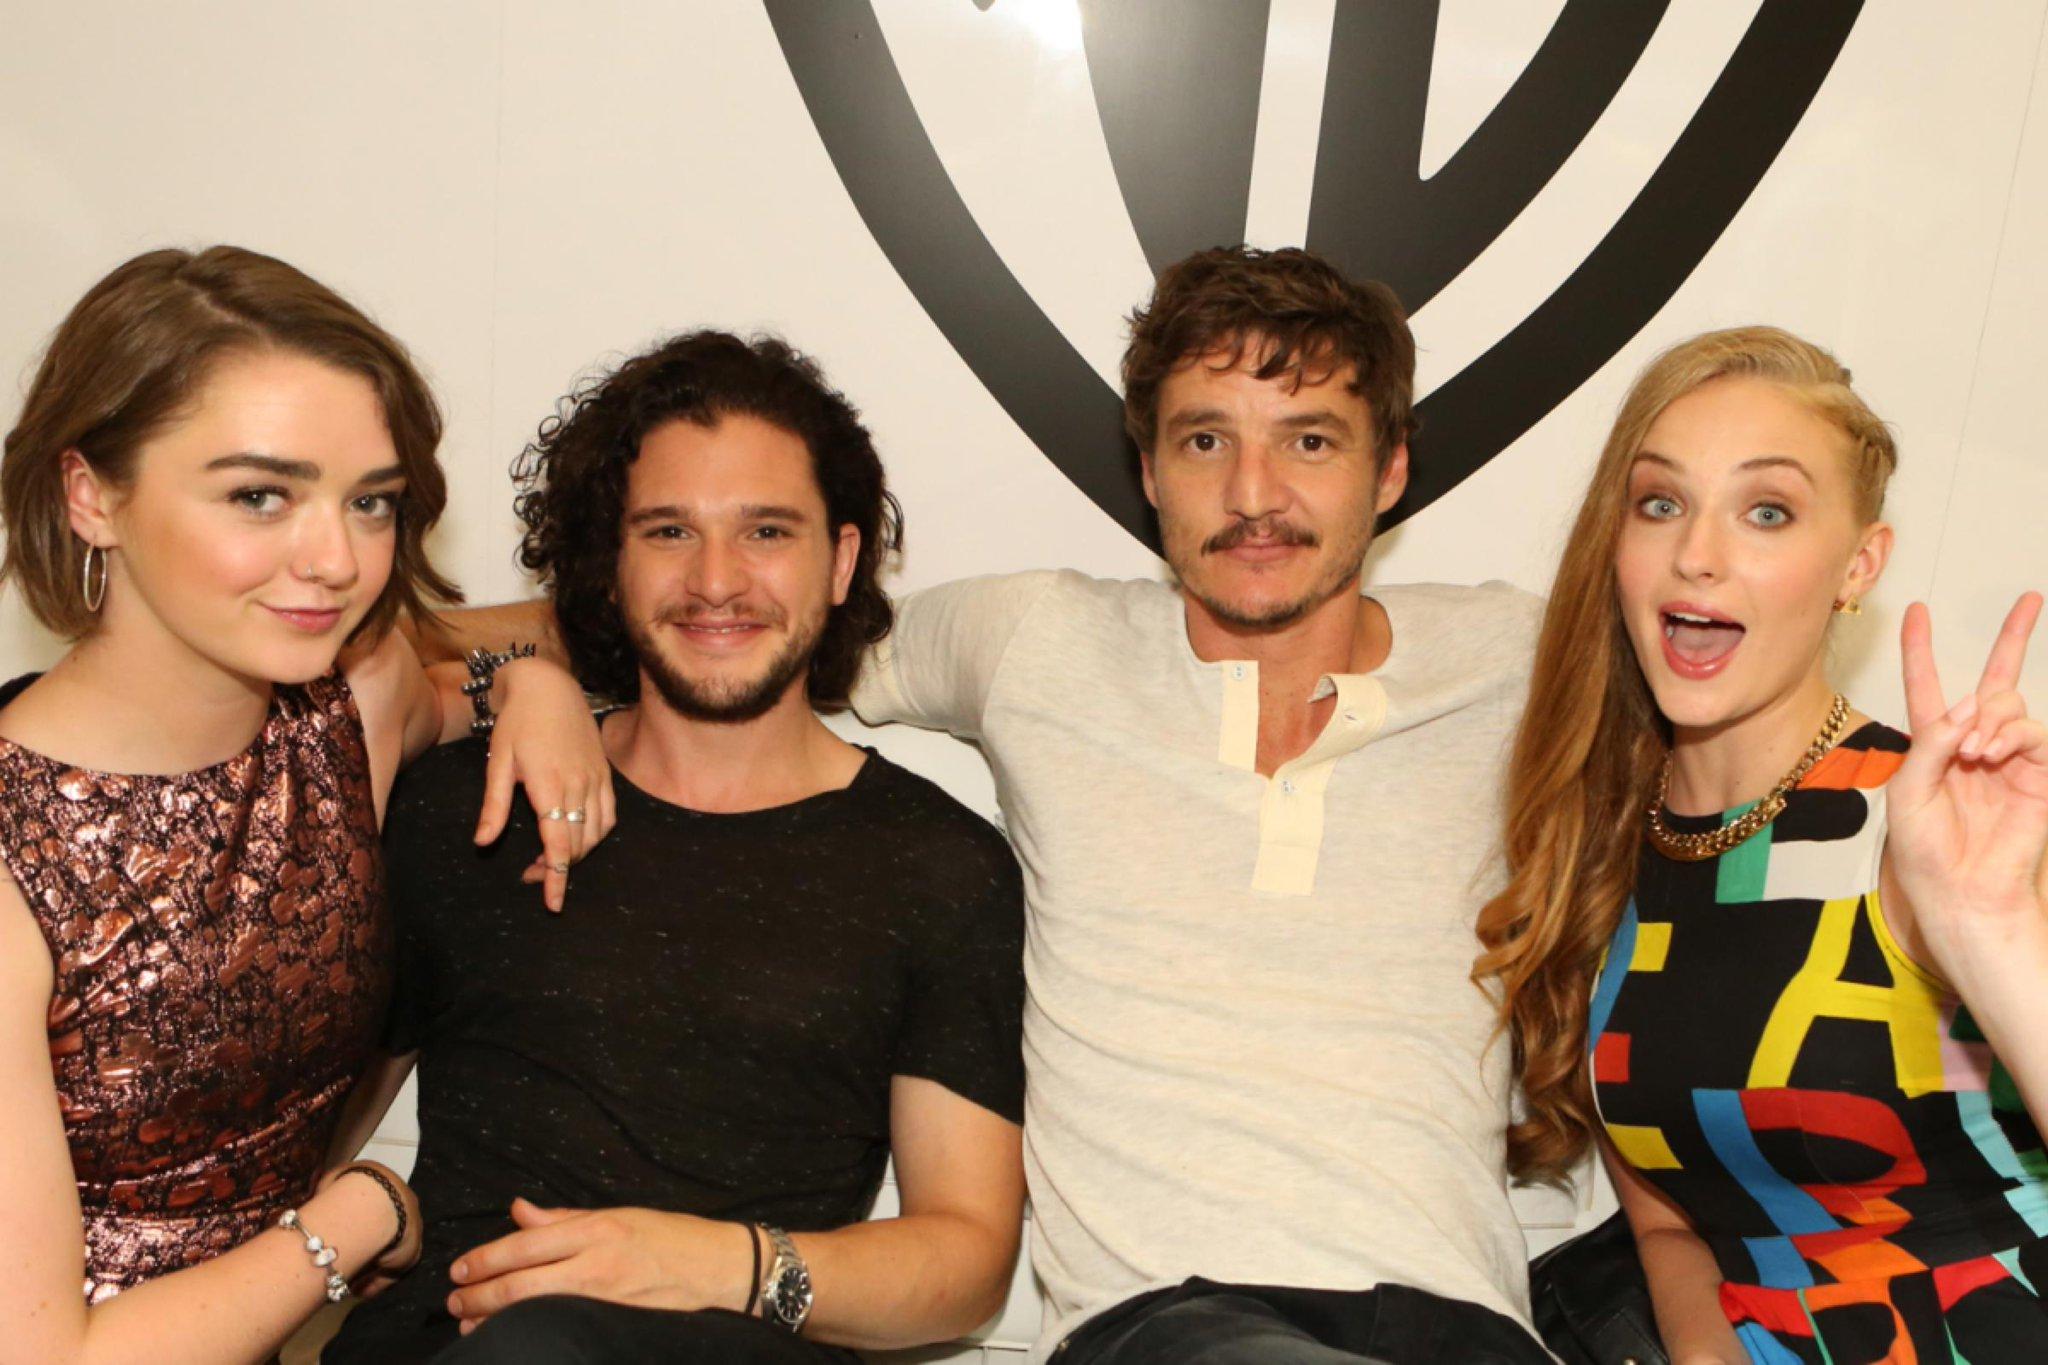 Game of Thrones: Jon Snow makes more money than Arya Stark. http://t.co/4BAmPITsLI http://t.co/lehLpghPgQ